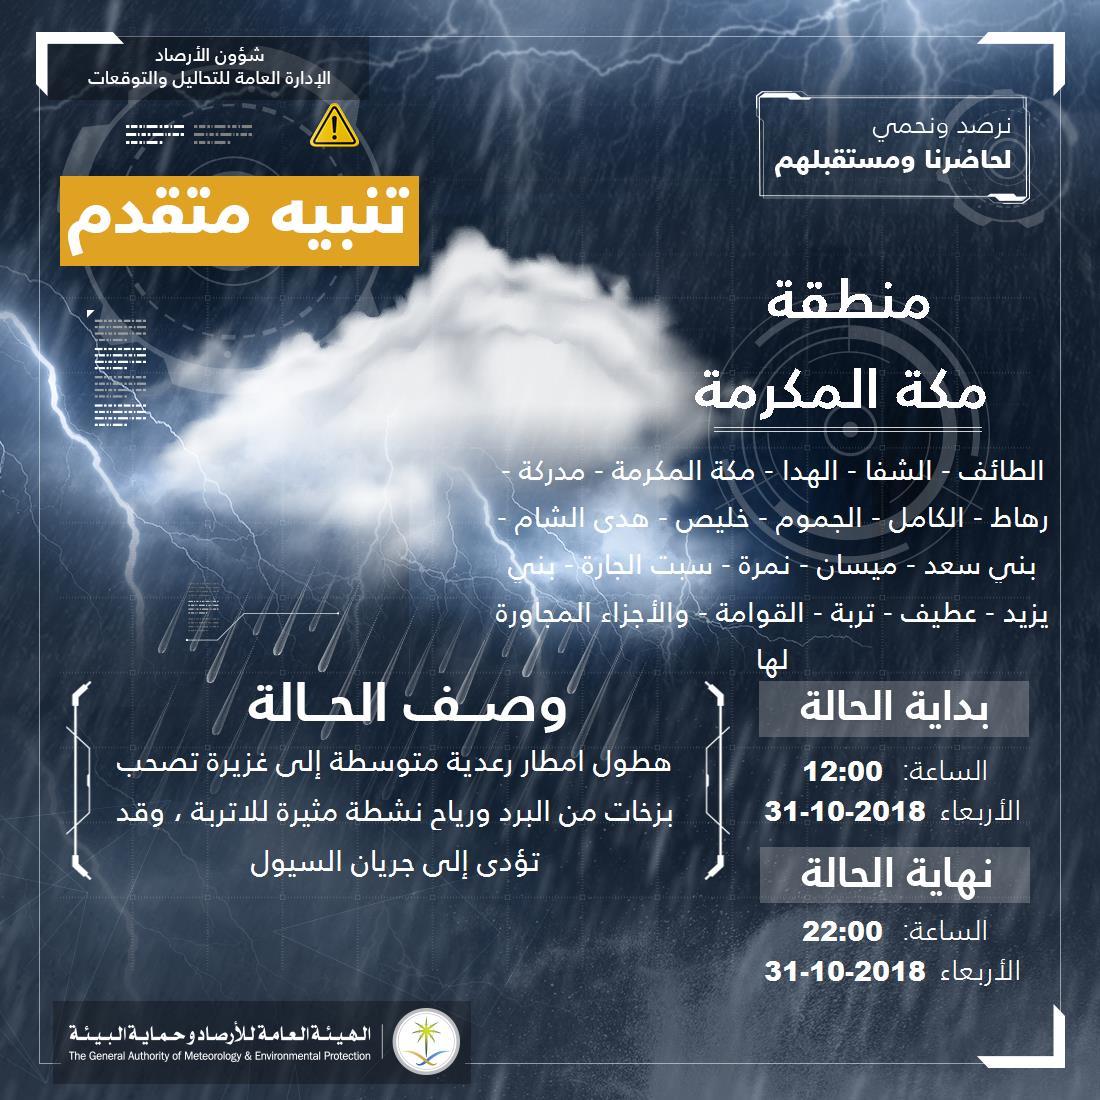 تنبيه متقدم بهطول أمطار غزيرة على منطقة مكة المكرمة